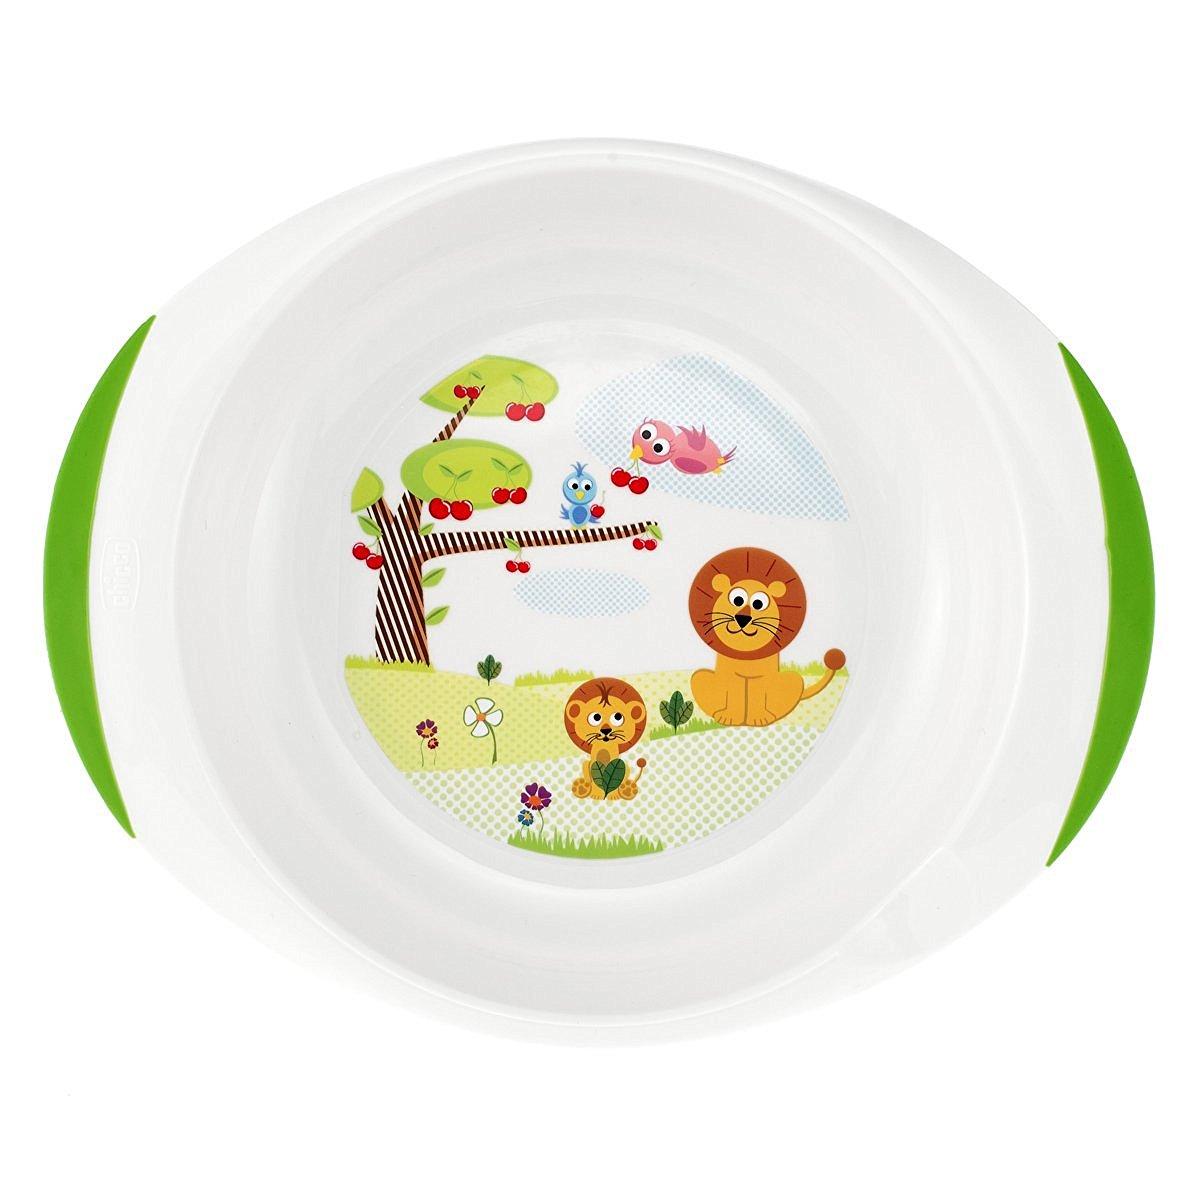 Piatti per bambini l 39 allegria comincia a tavola prezzi e - Piatti plastica ikea ...